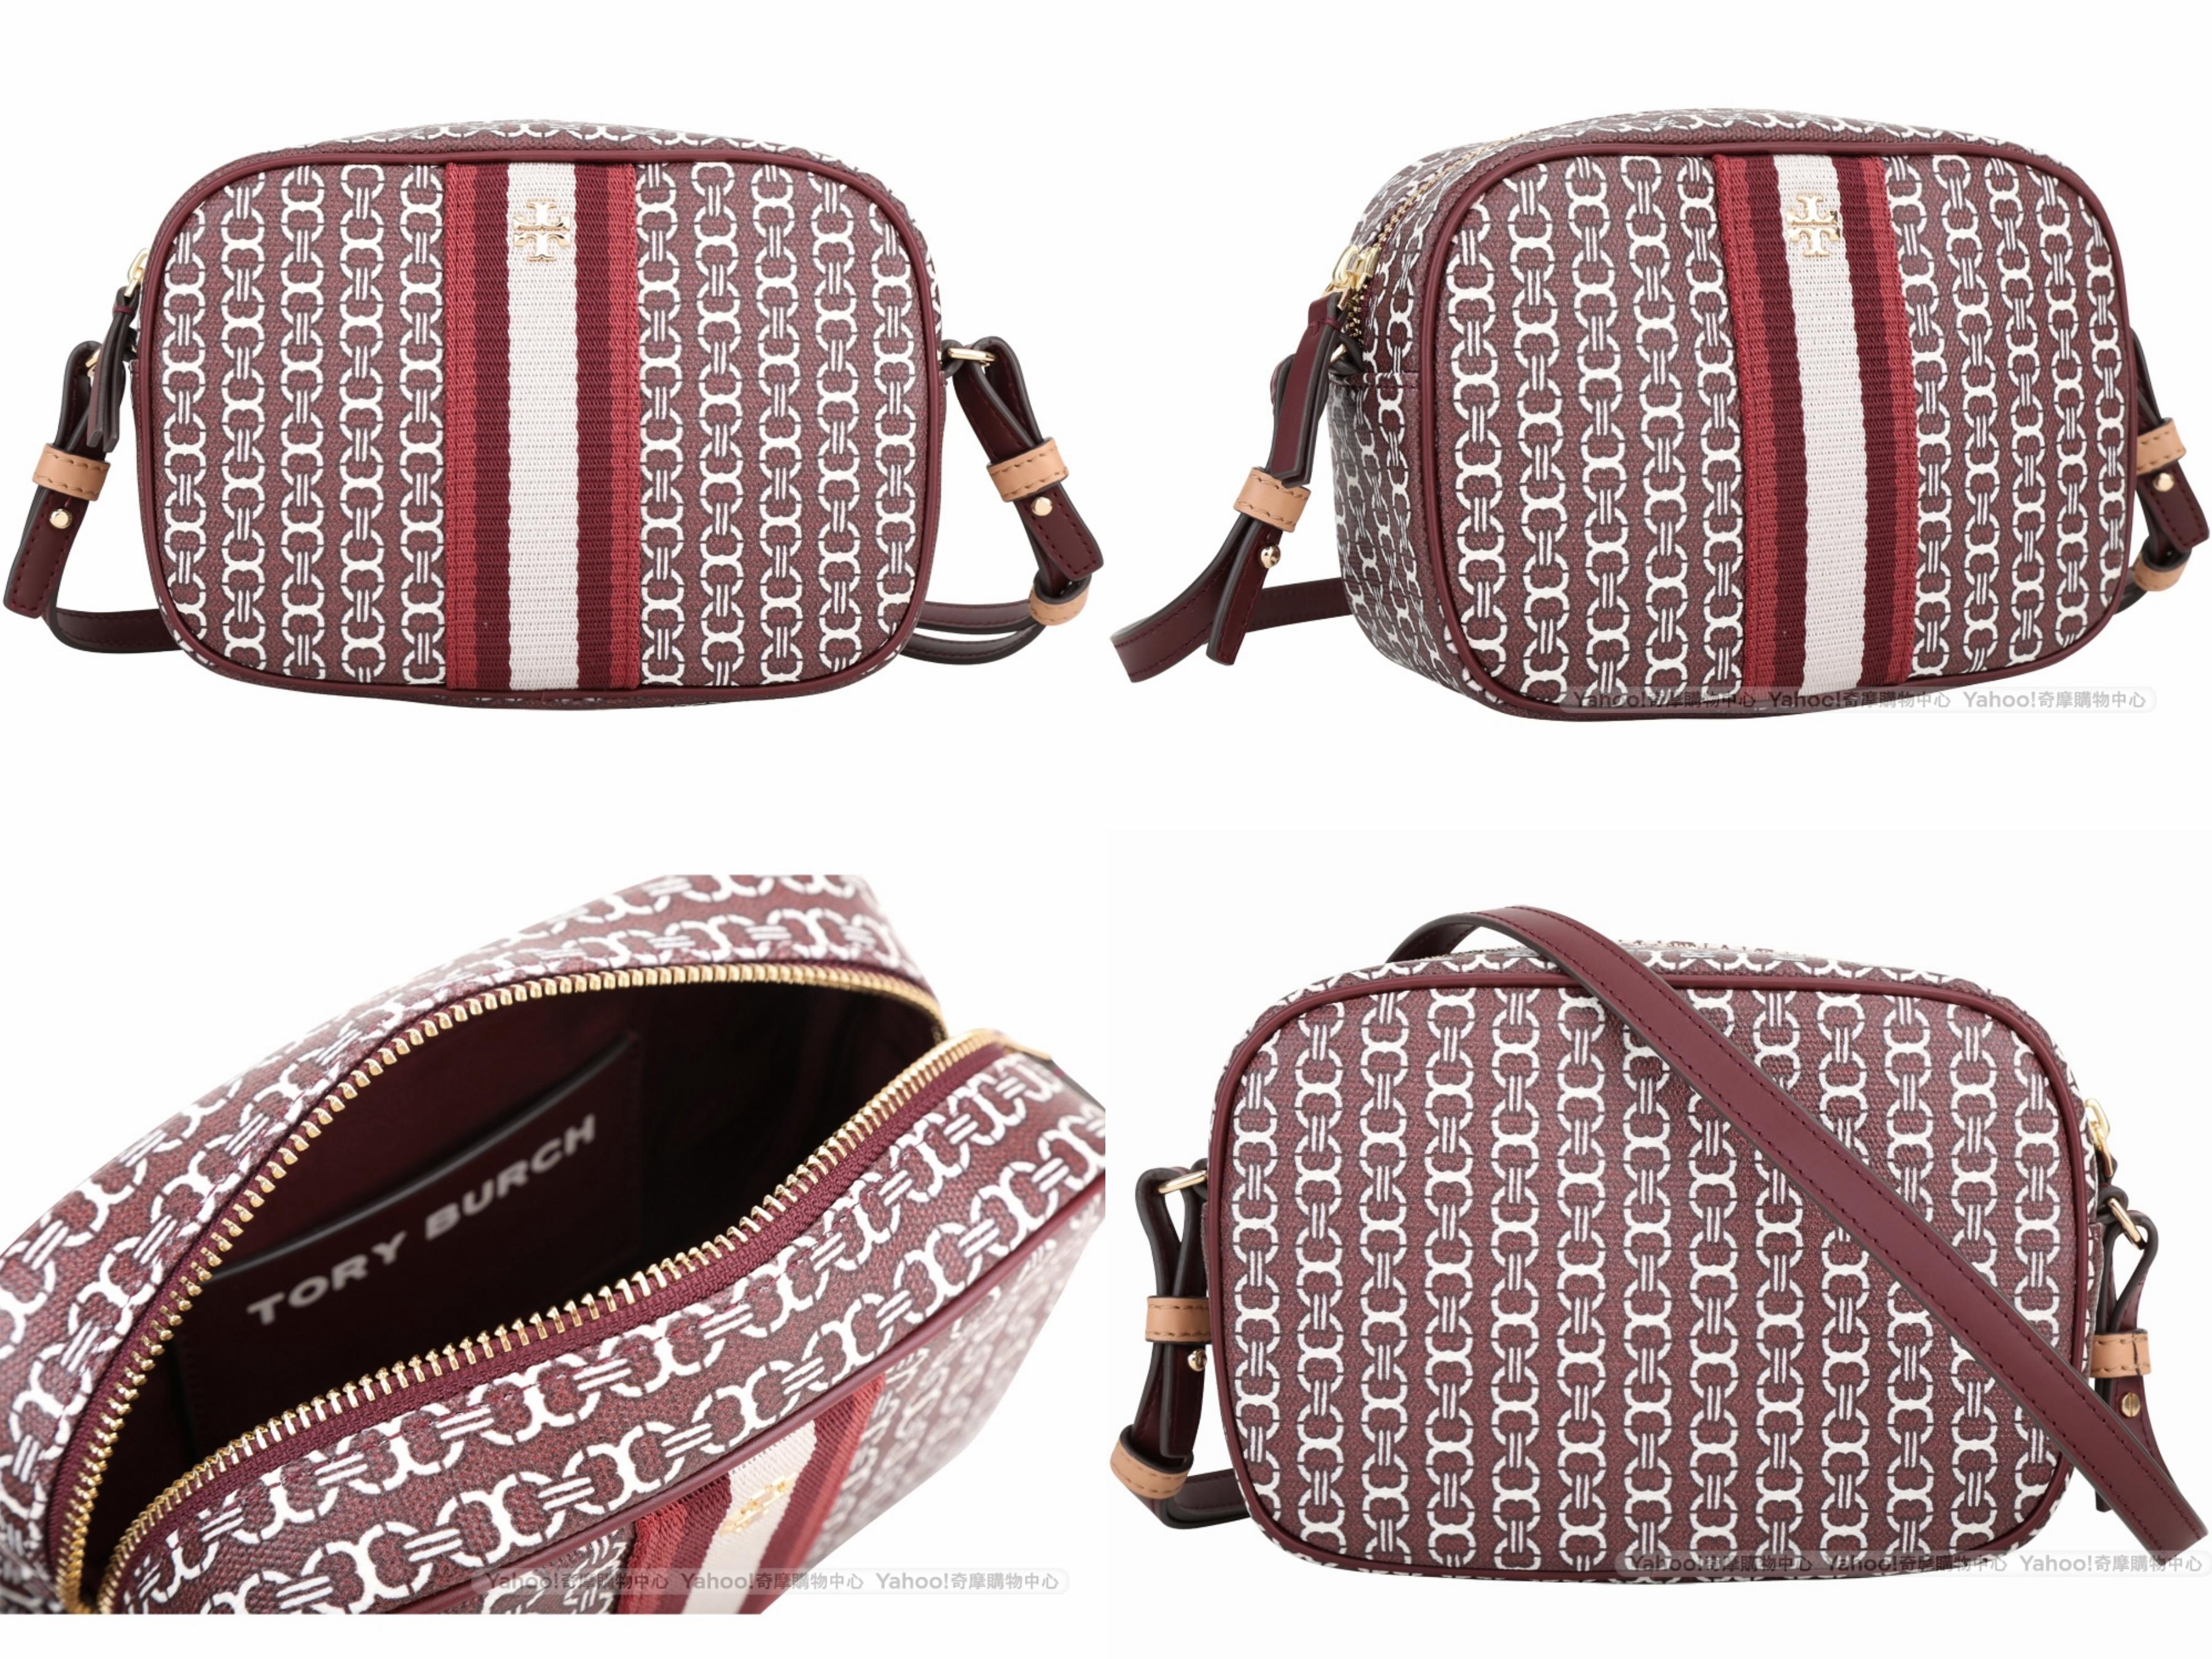 TORY BURCH GEMINI LINK 塗層帆布斜背相機包(勃根地紅) 低調優雅的勃根地紅,有著吸引人的魅力